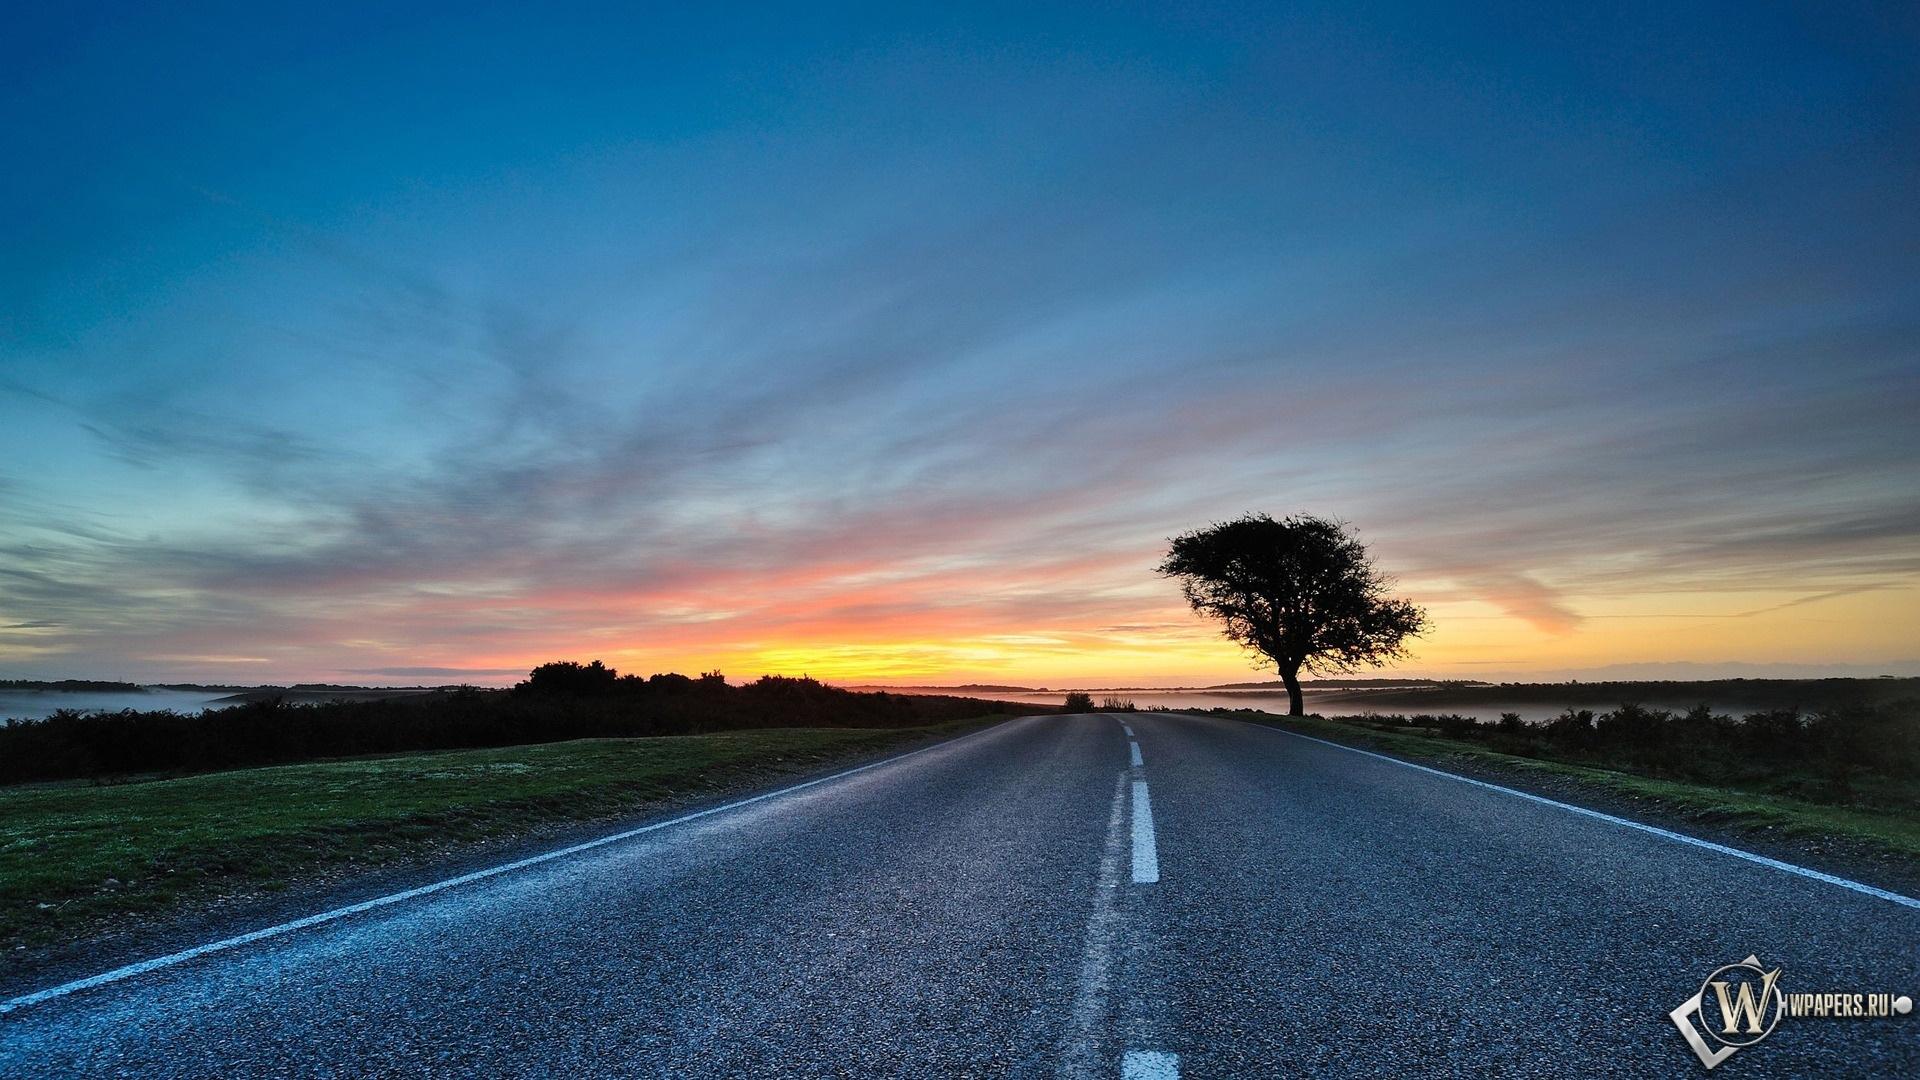 Дорога и закат 1920x1080